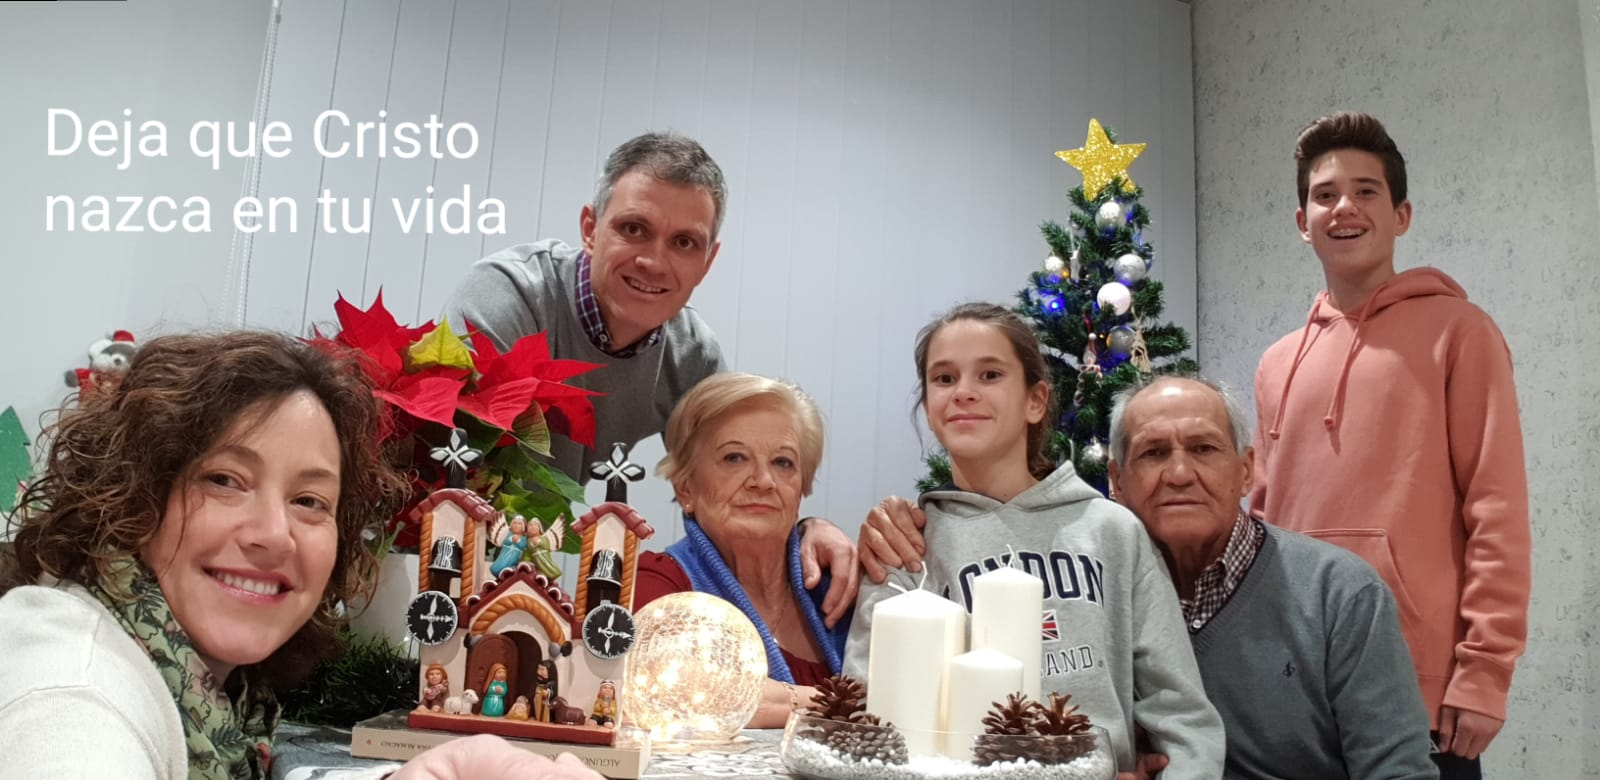 EN FAMILIA: FOTO Y MENSAJE DE NAVIDAD